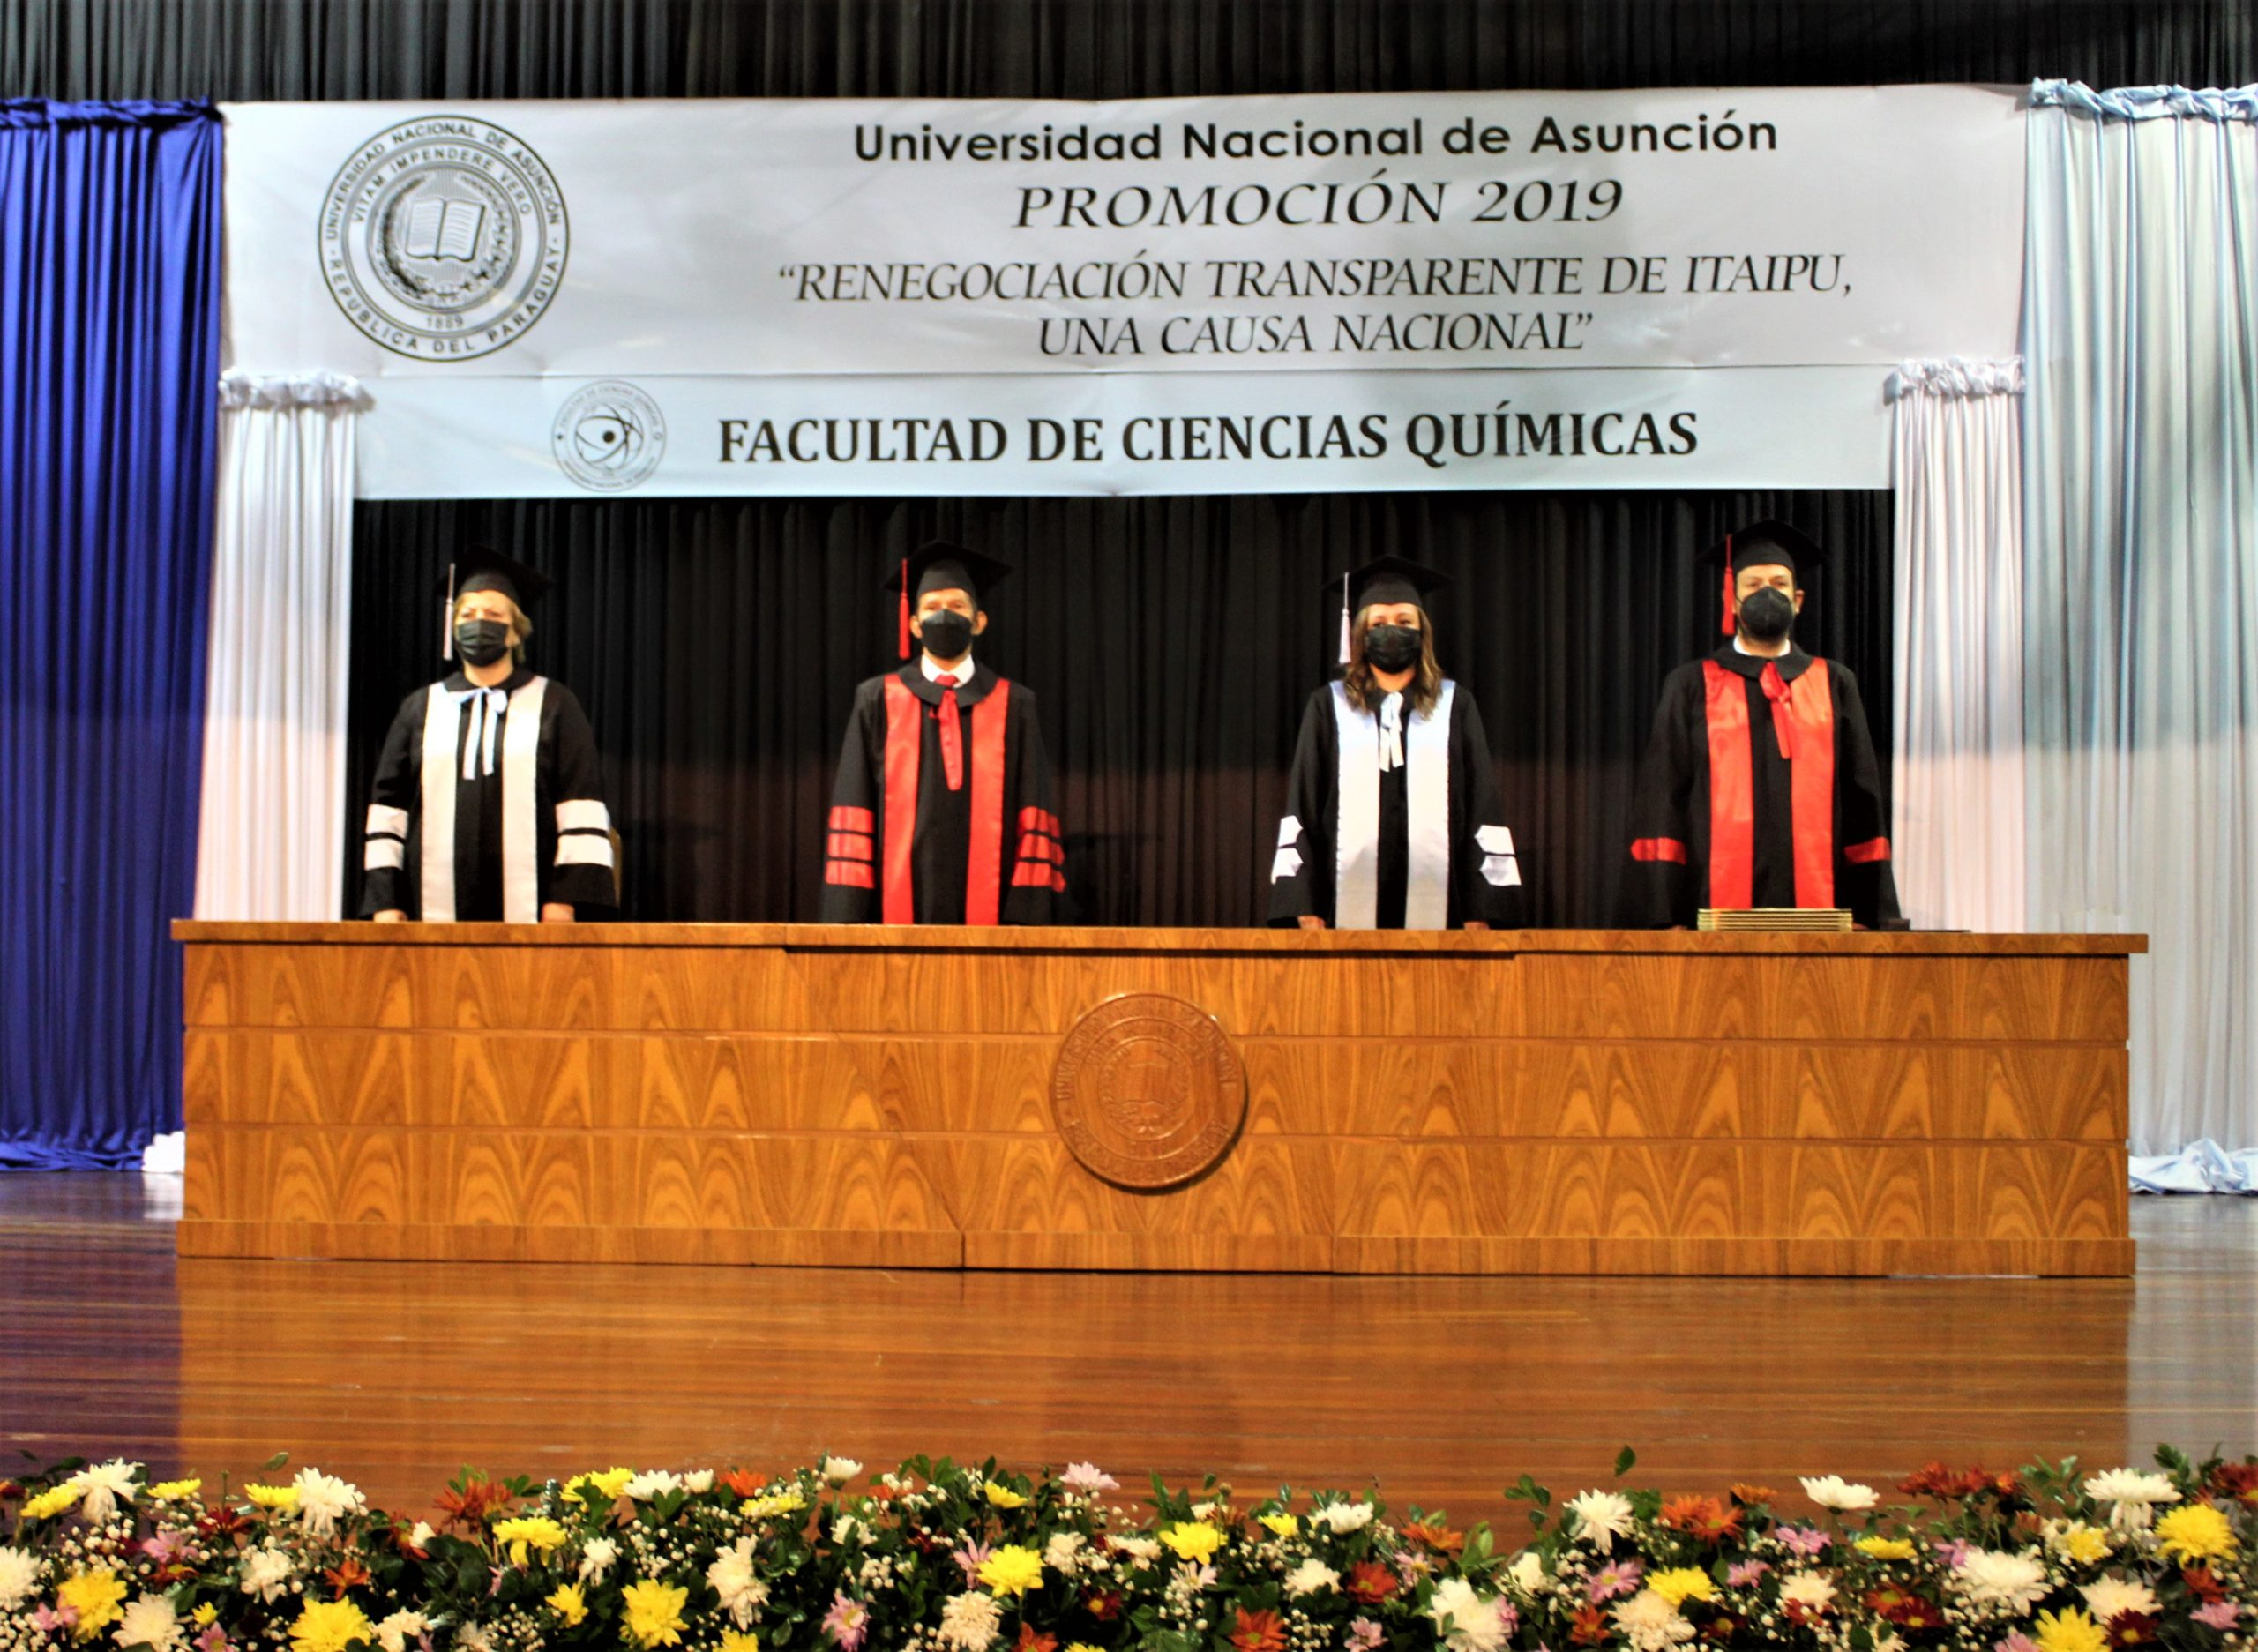 Se realizó la Ceremonia de Graduación de las carreras de Ingeniería Química, Química Industrial, Ciencia y Tecnología de Alimentos, Nutrición e Ingeniería de Alimentos